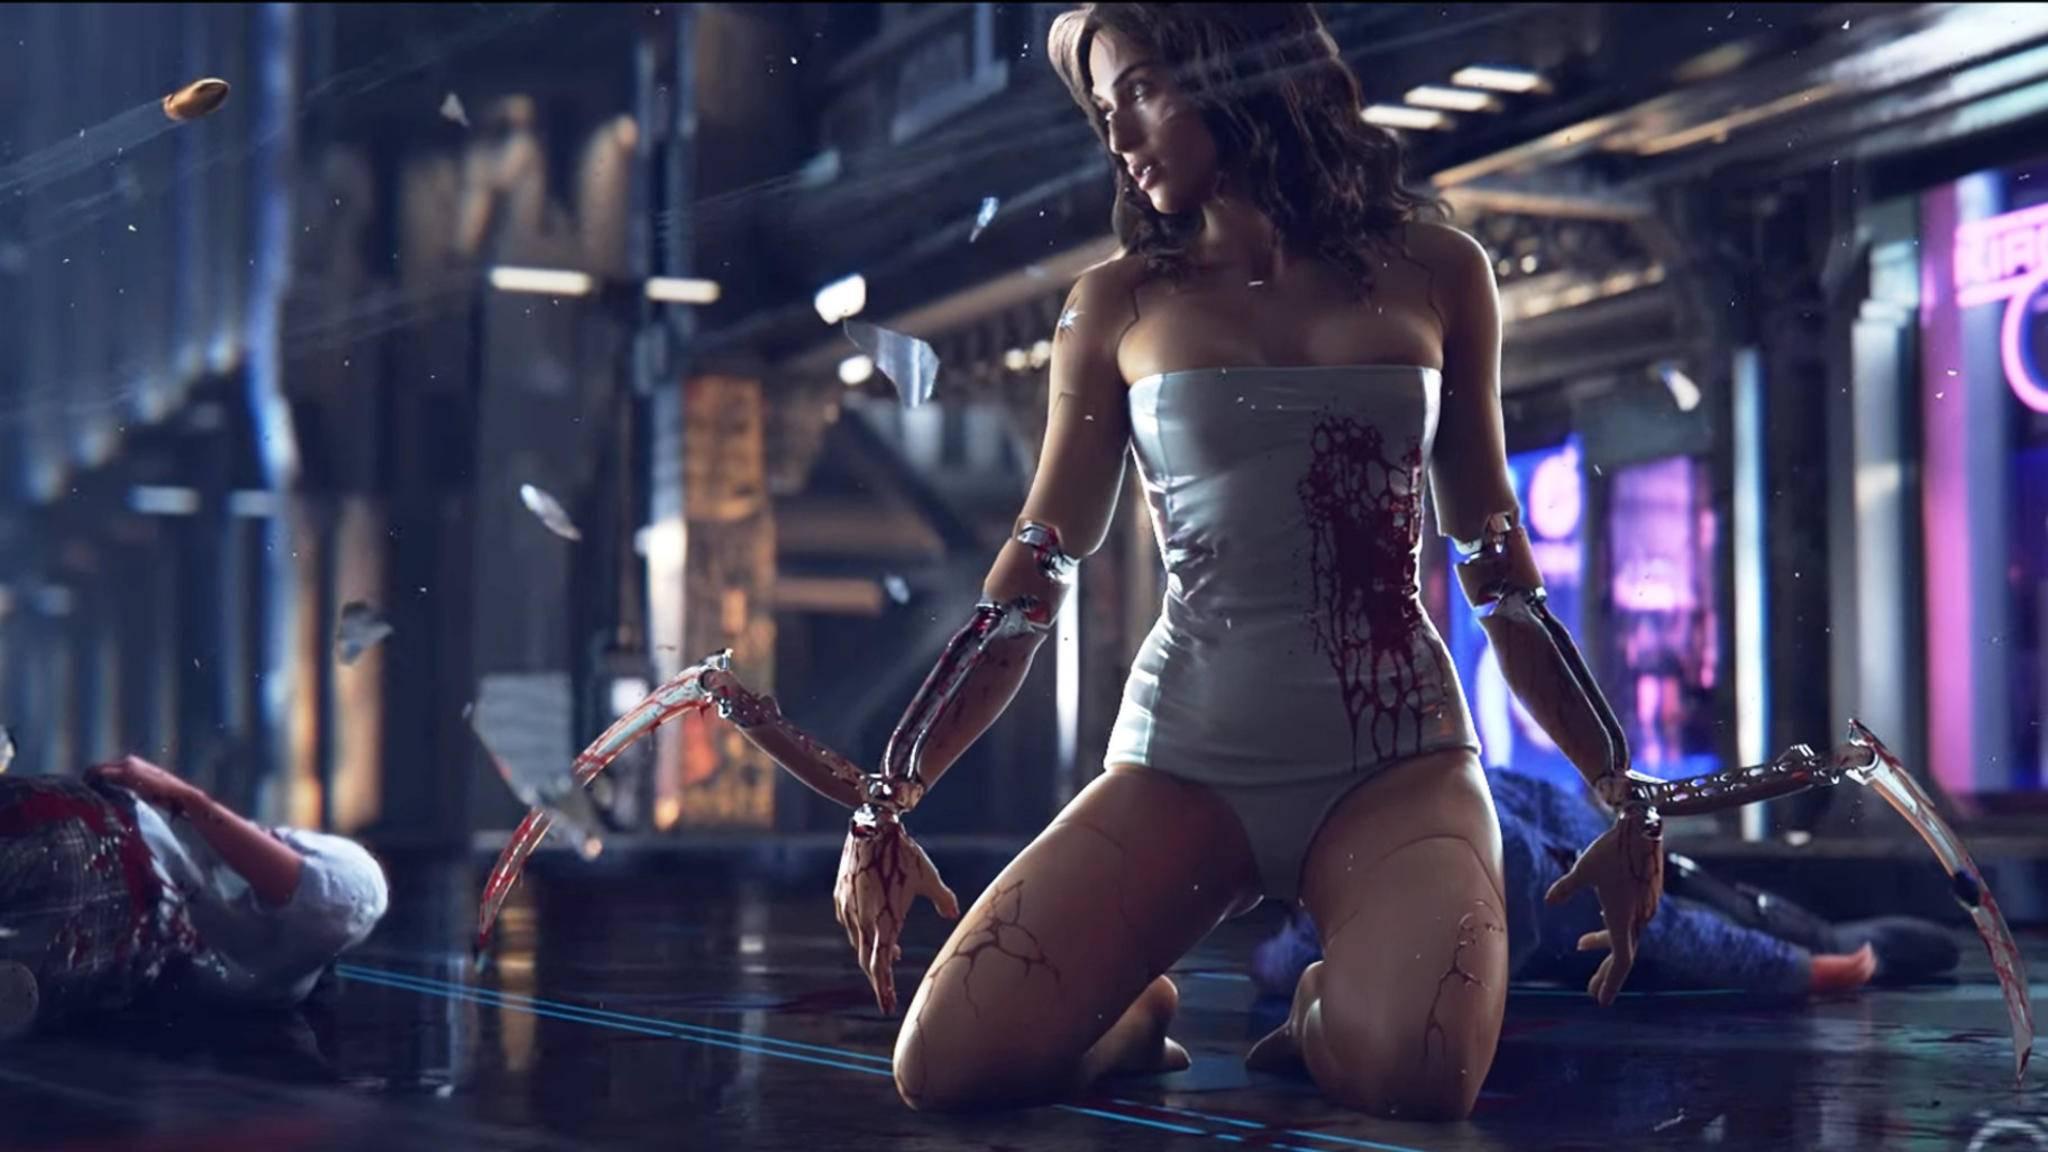 """Wird es zur E3 2018 endlich etwas von """"Cyberpunk 2077"""" zu sehen geben?"""